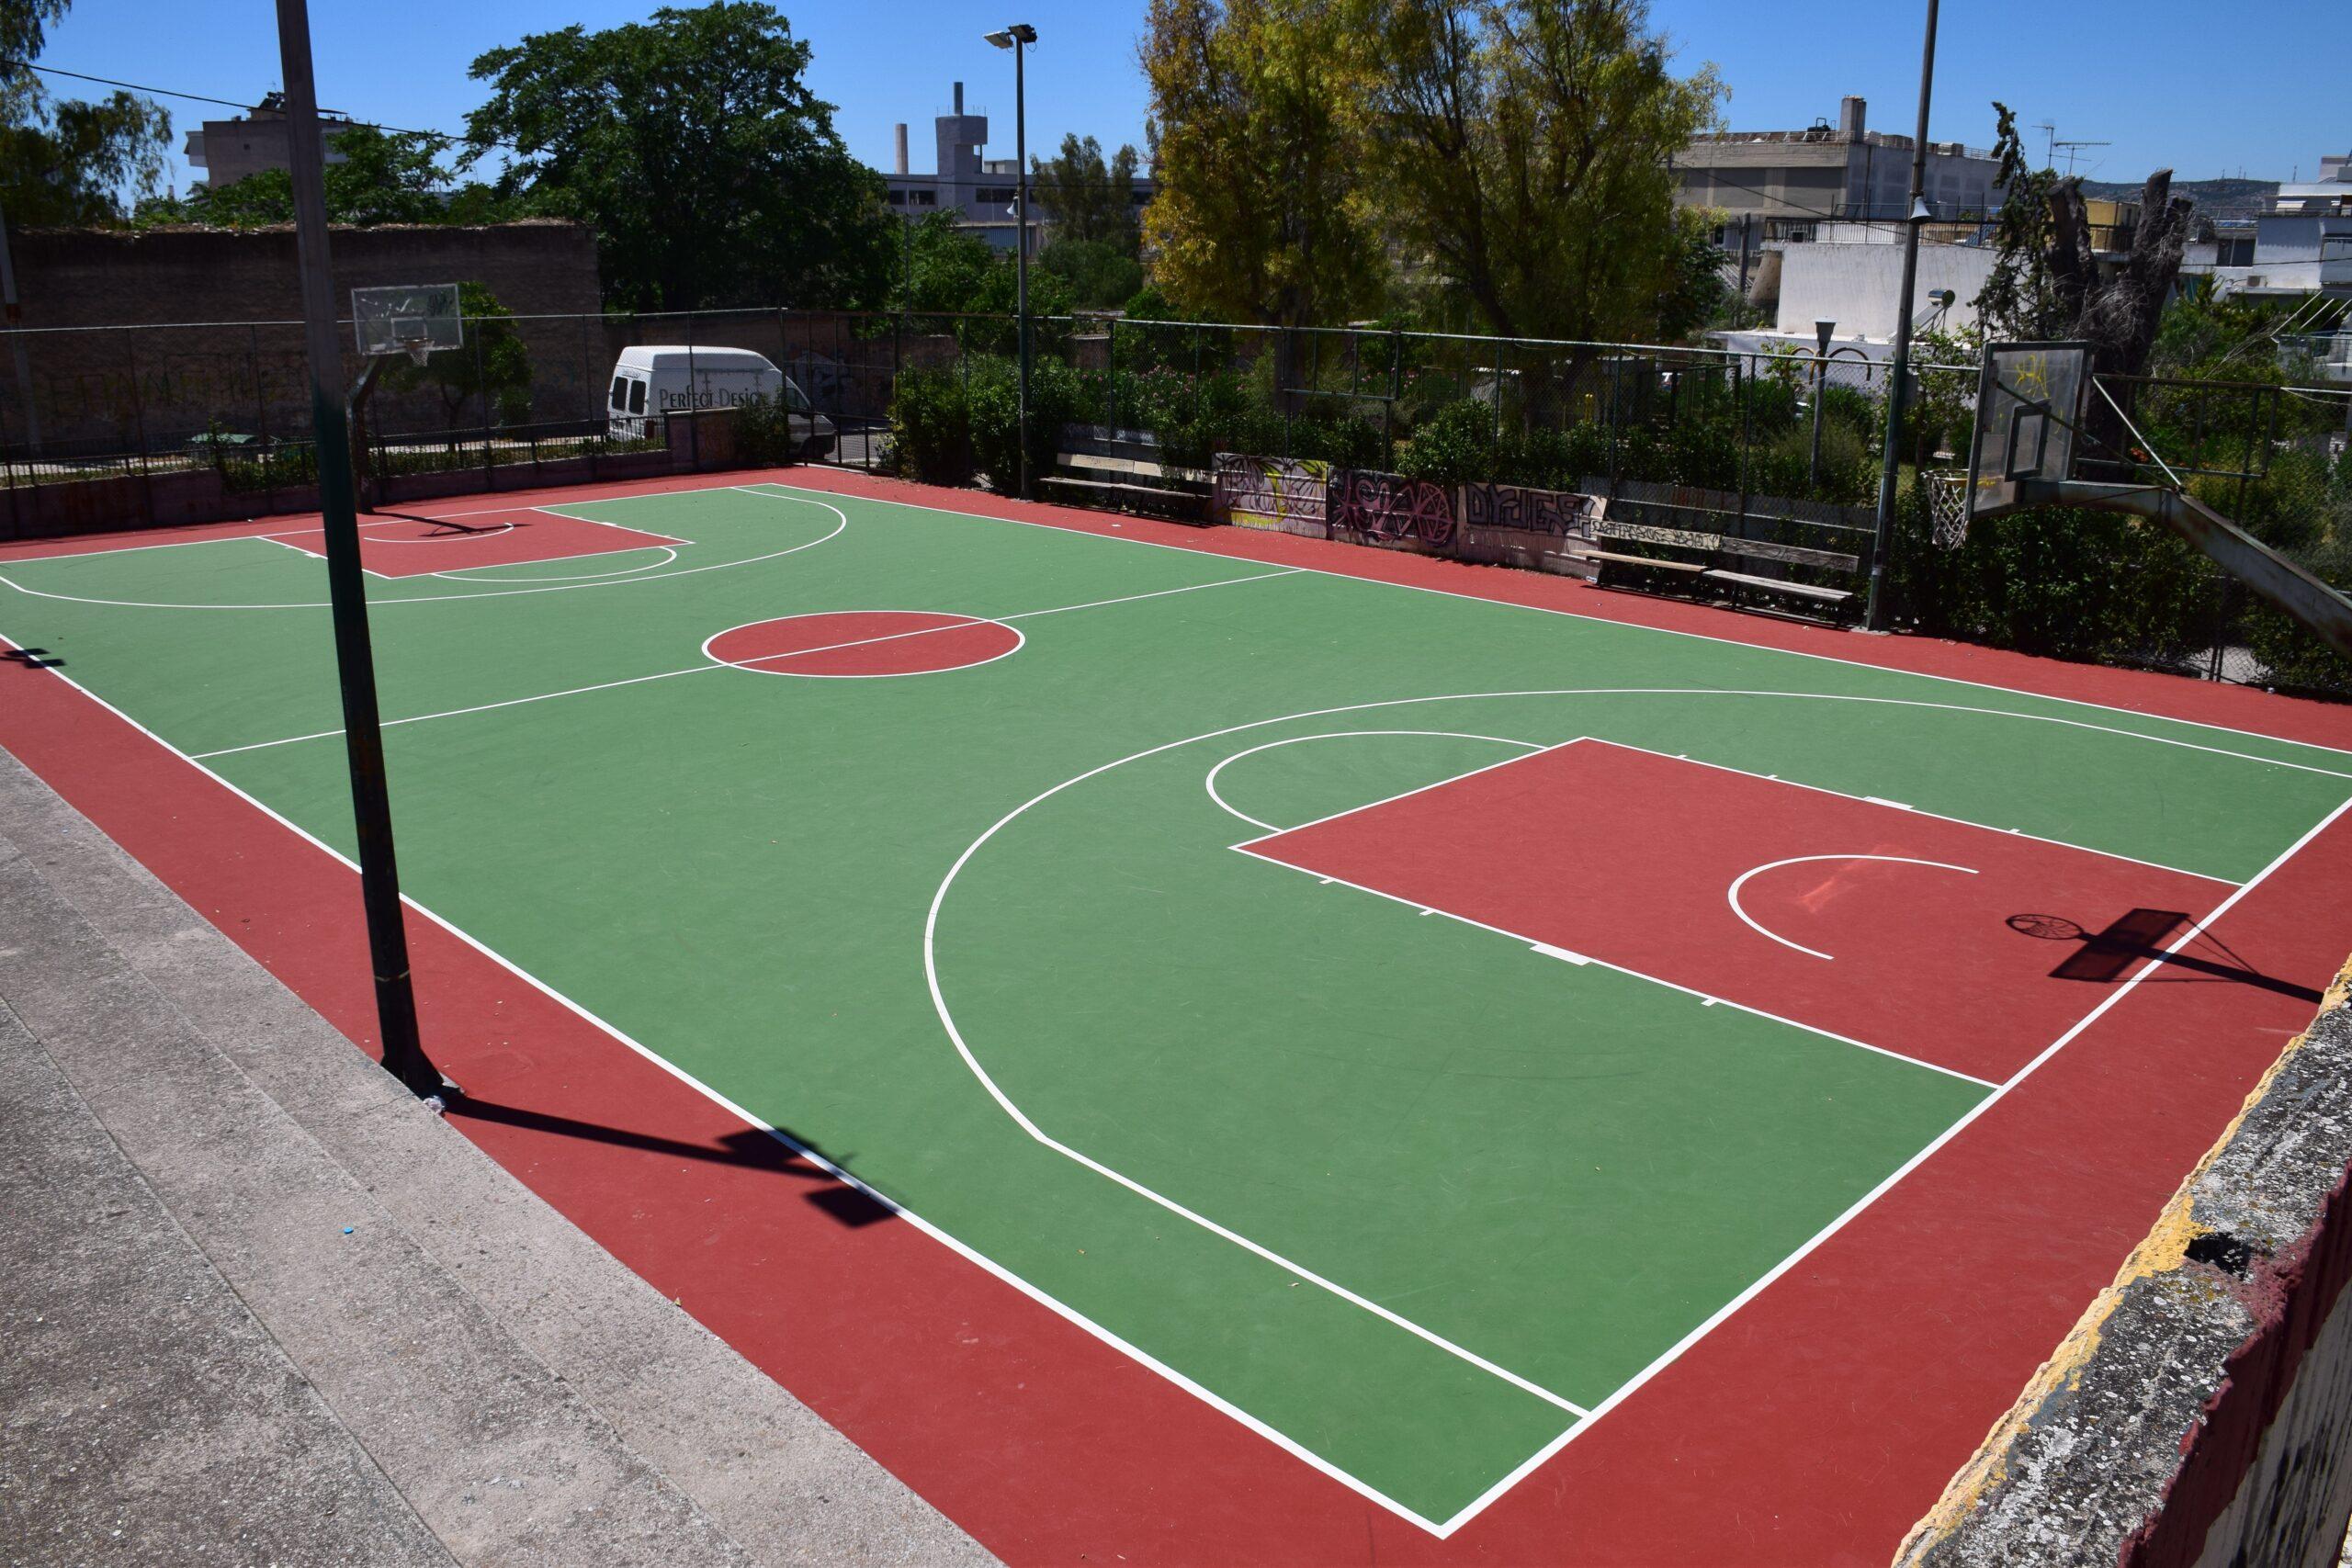 Δήμος Νέας Ιωνίας: Ανακατασκευή του ανοικτού γηπέδου μπάσκετ στην πλατεία Μακελαράκη στον Περισσό